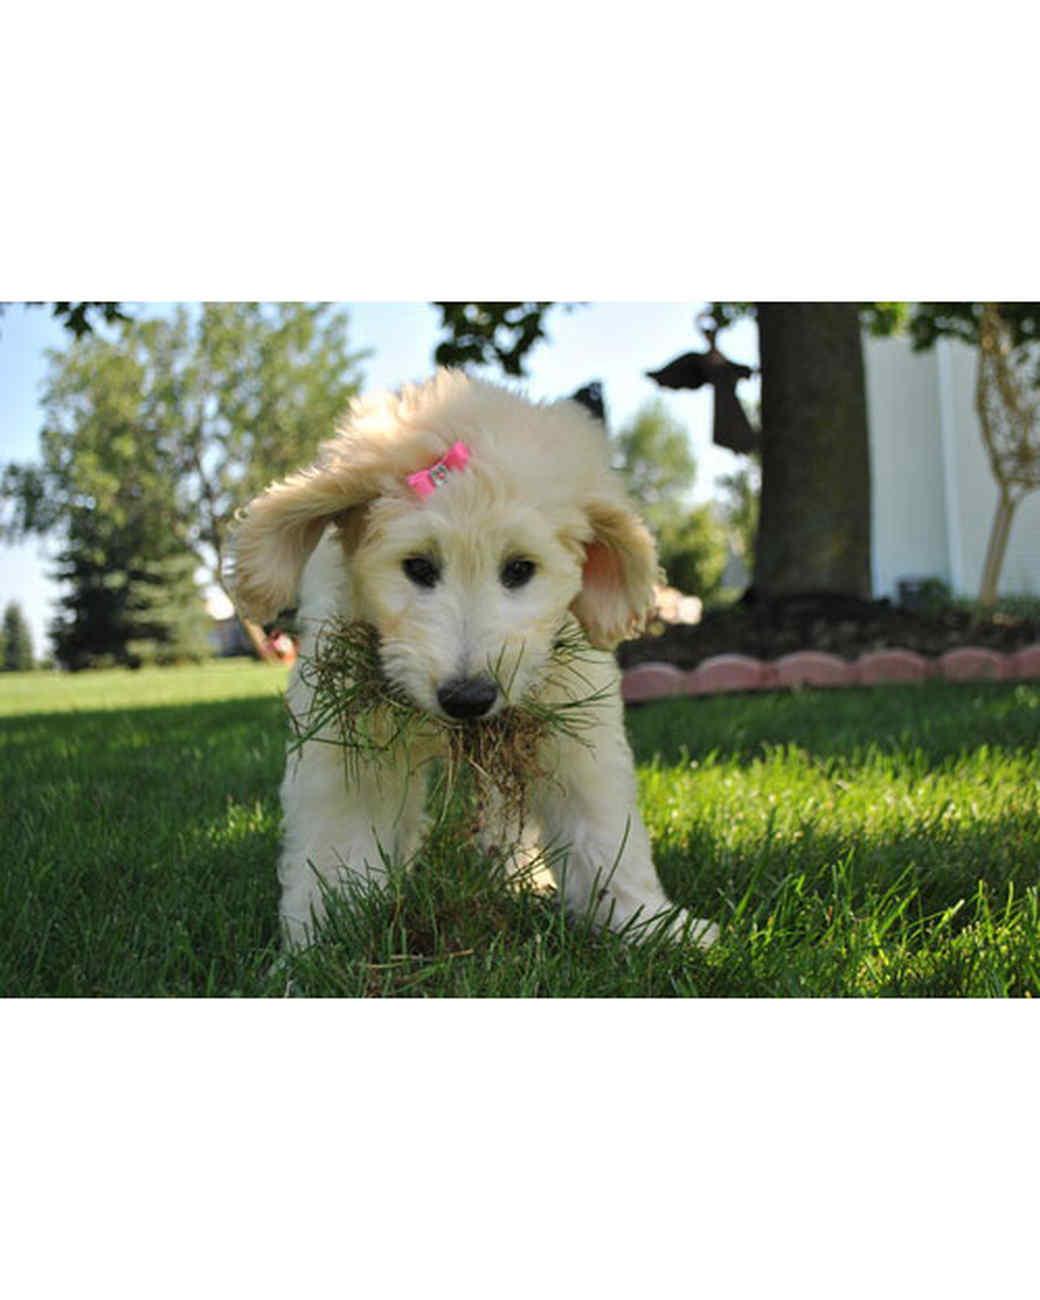 pets-at-play-0311-12971557_30641074.jpg